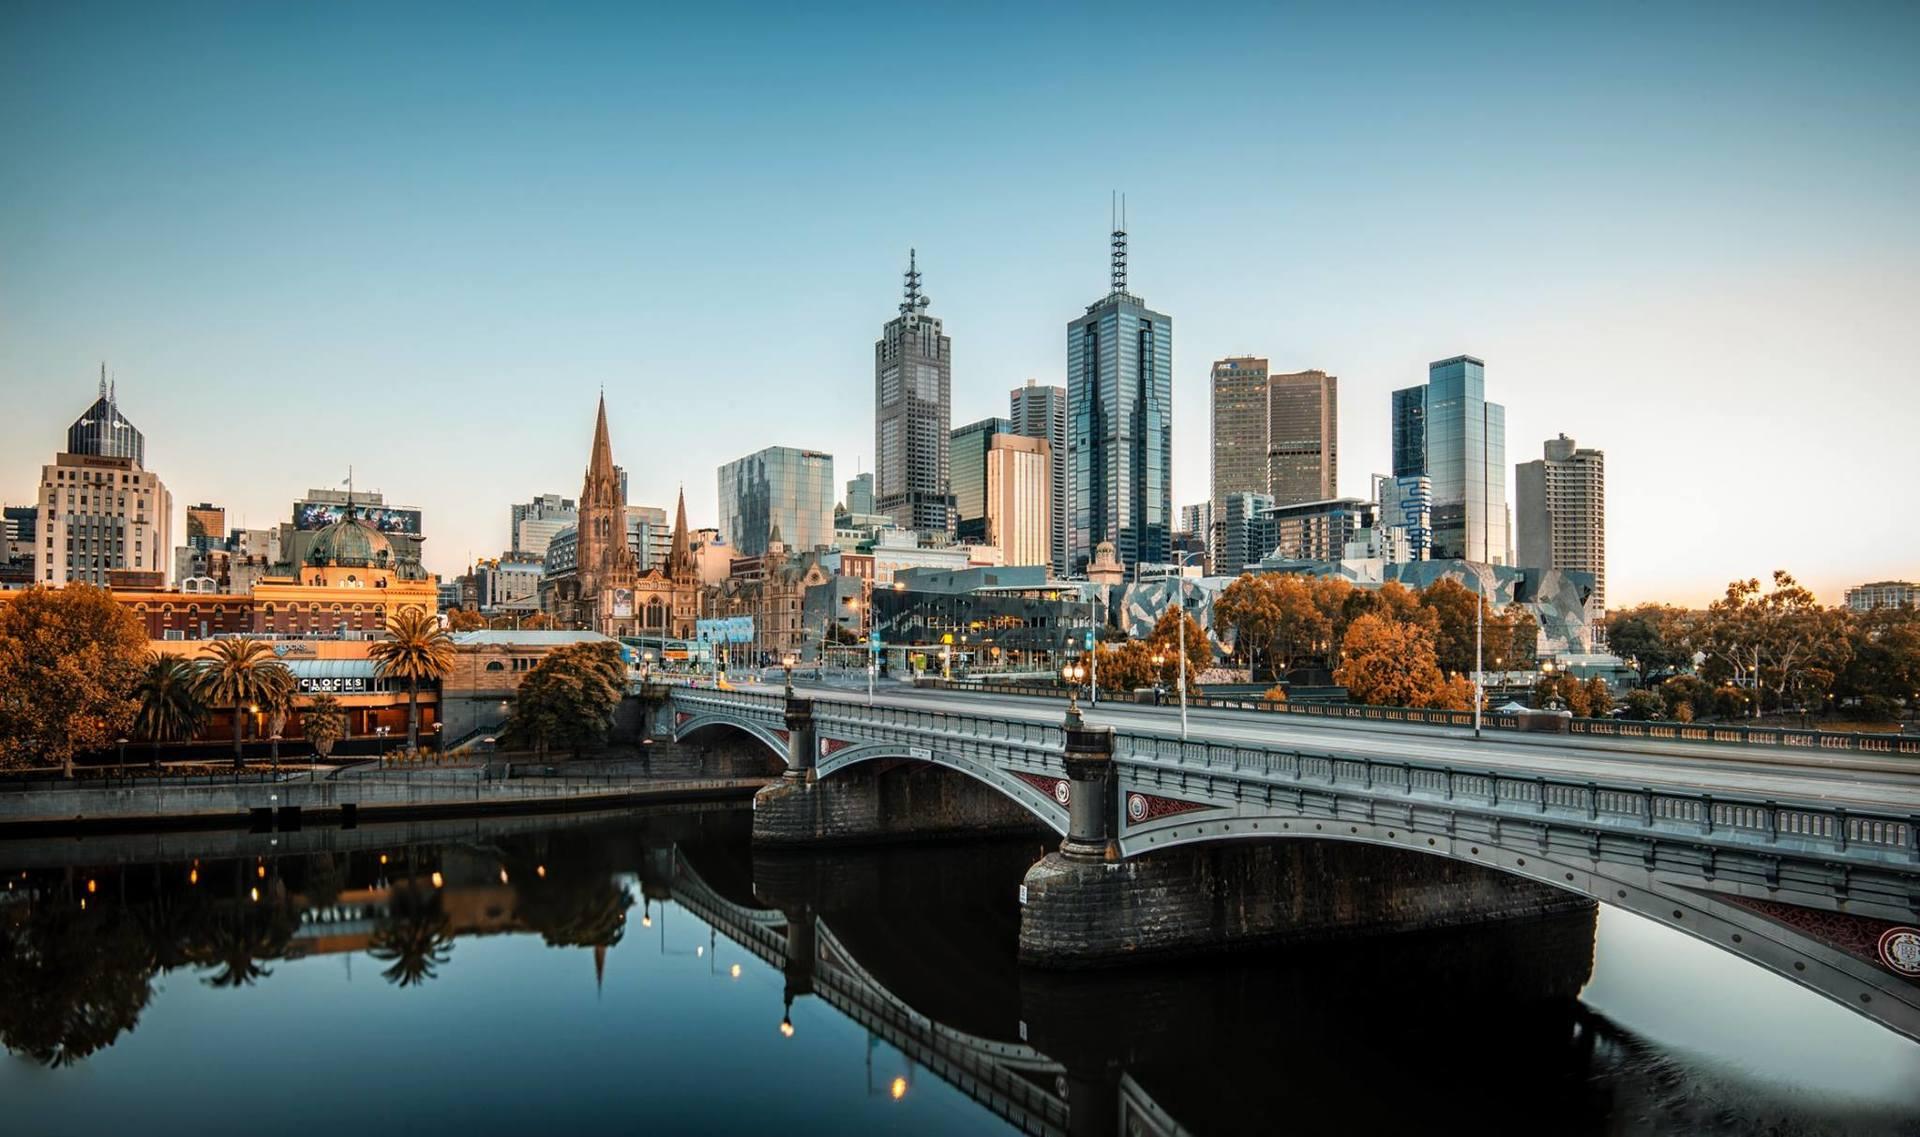 правда стараемся австралия мельбурн фото лацканы, нагрудный карман